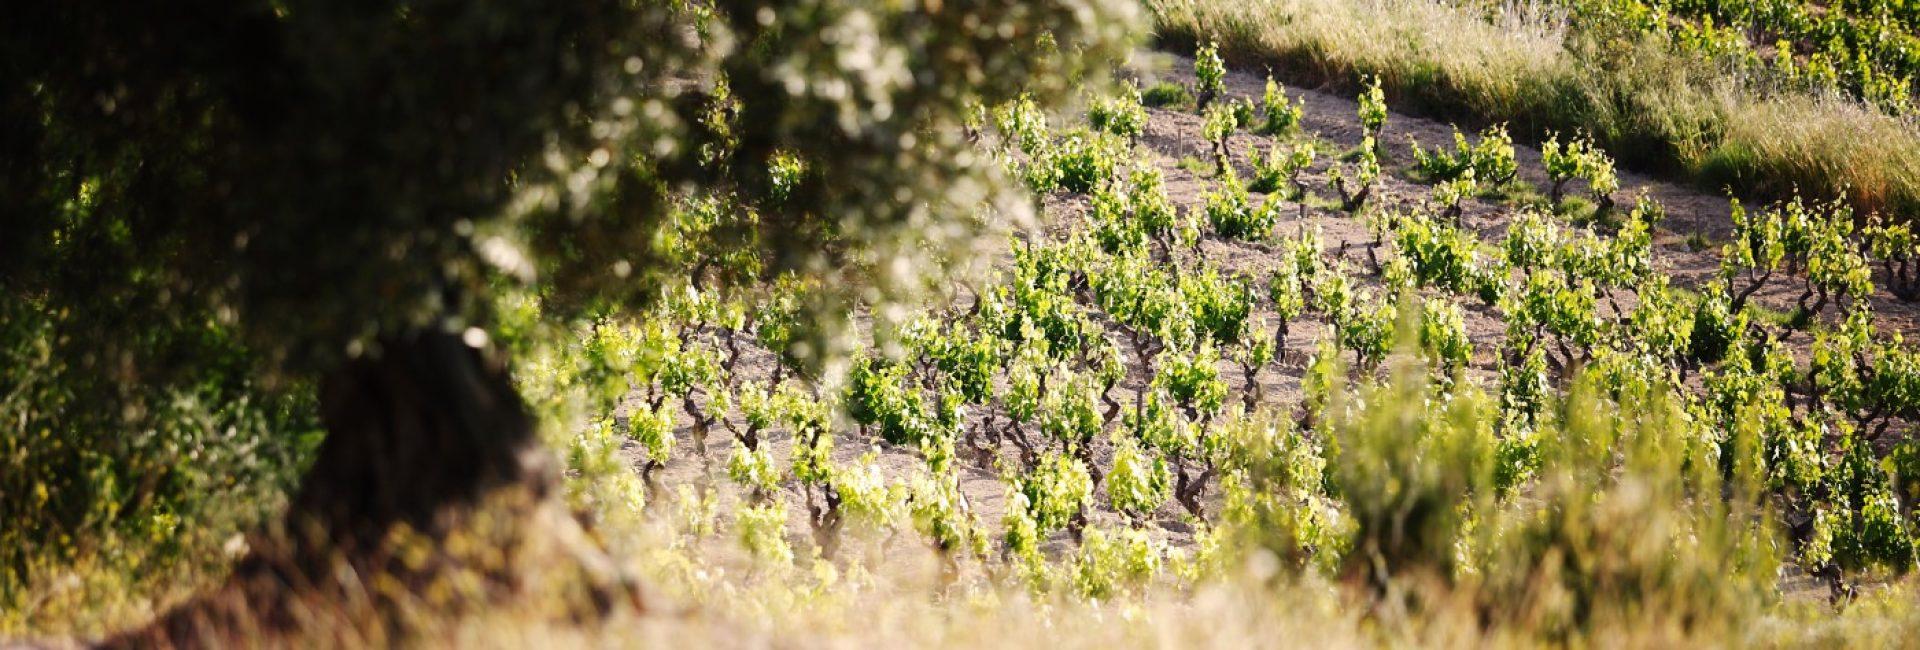 vignes-et-paysages-32-1-update=20200914135455